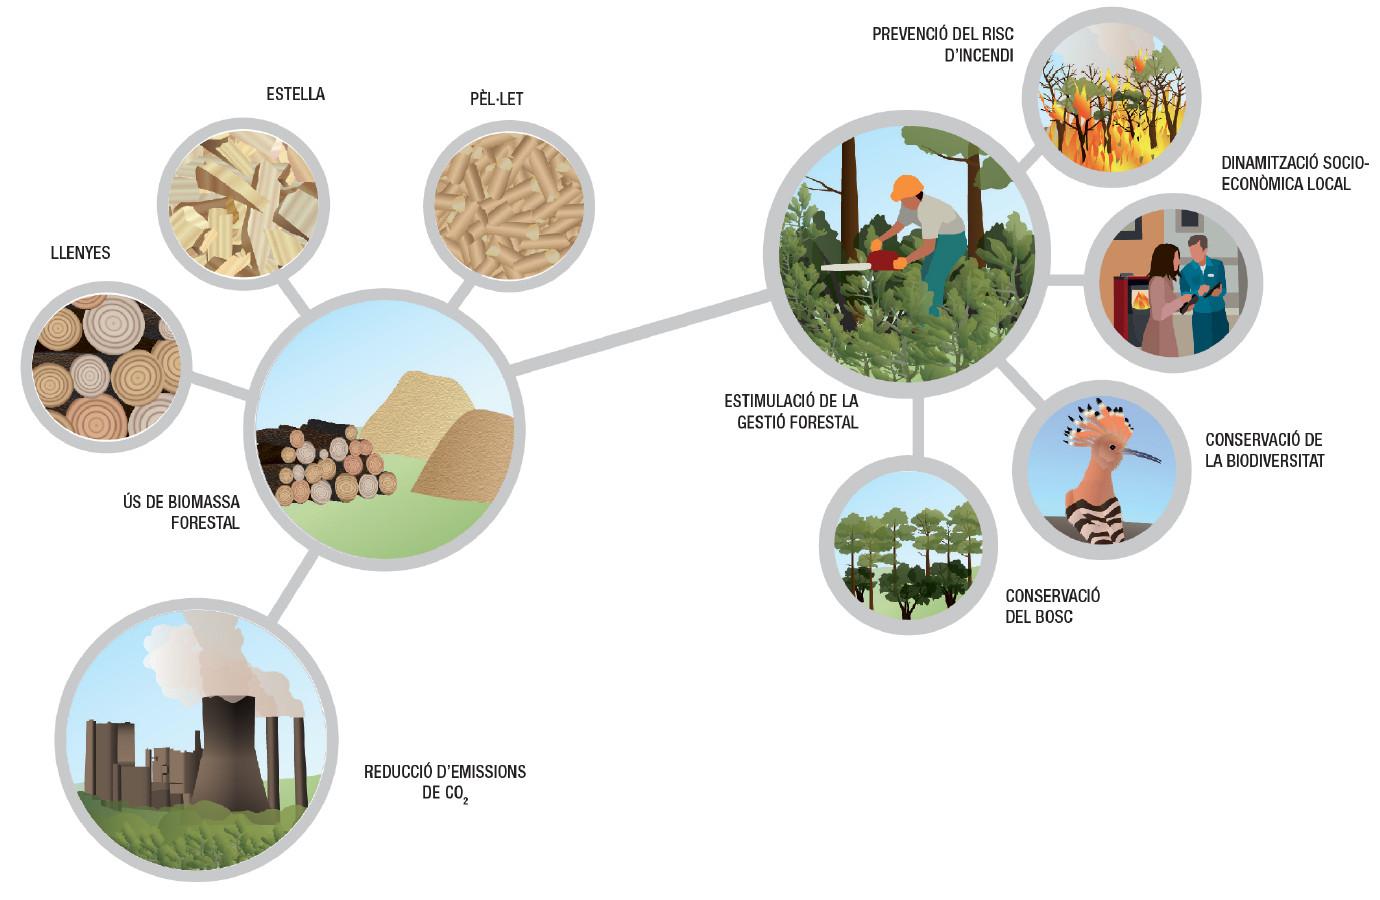 Proteguim els nostres boscos amb la gestio forestal tota Biomassa llenyes, estella, pel.let i amb ajuts i subvencions per la Biomassa en les nostres vivendes i en la industria.